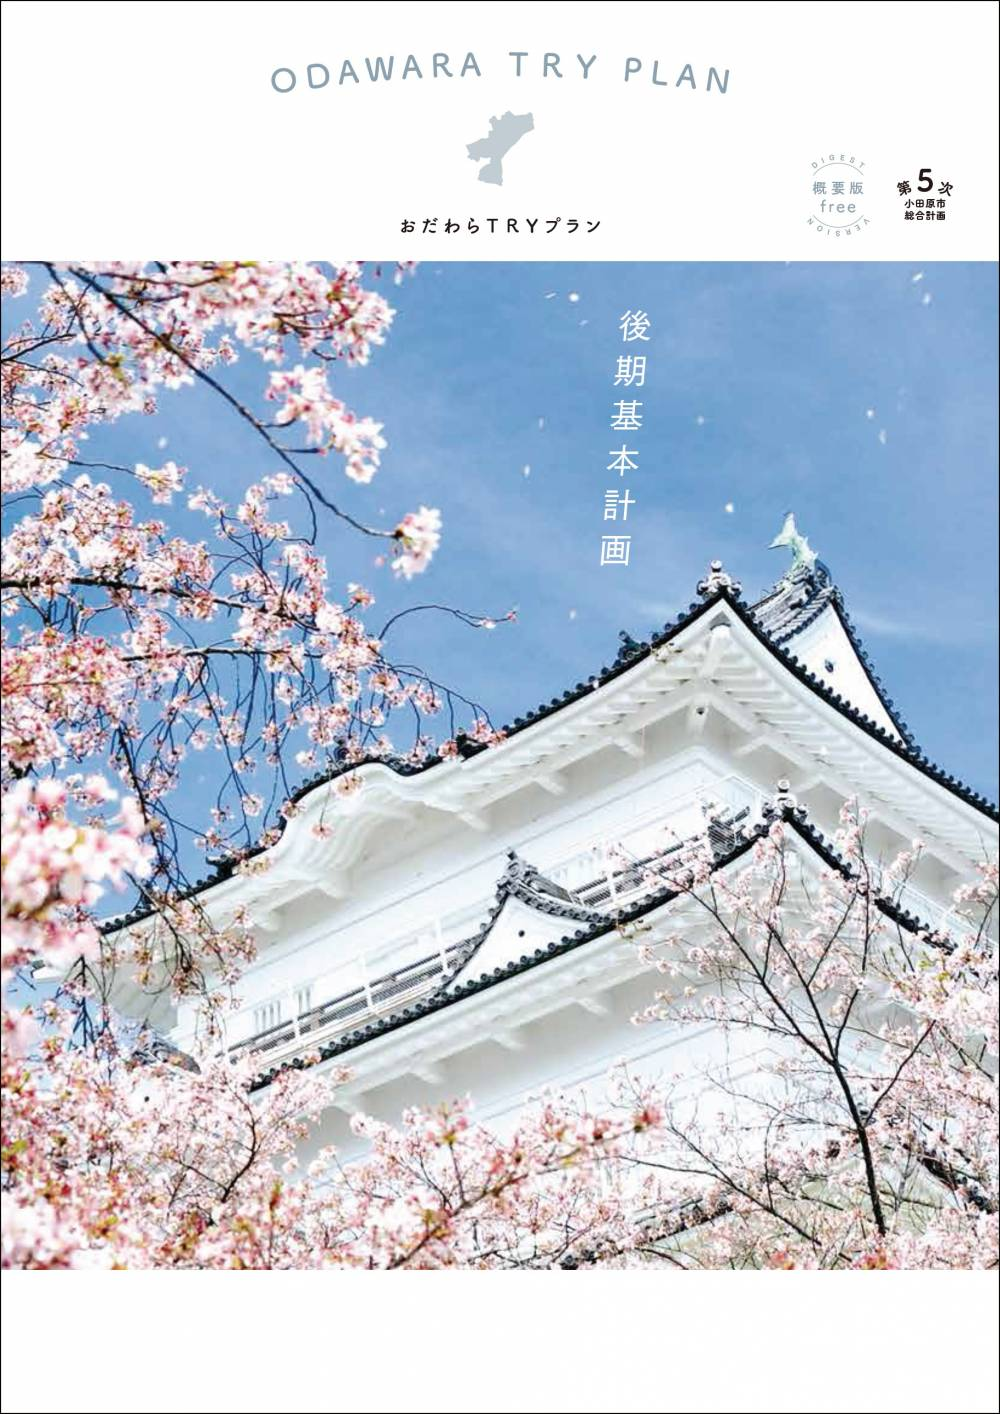 おだわらTRYプランの概要編の表紙。桜と小田原城が写る。